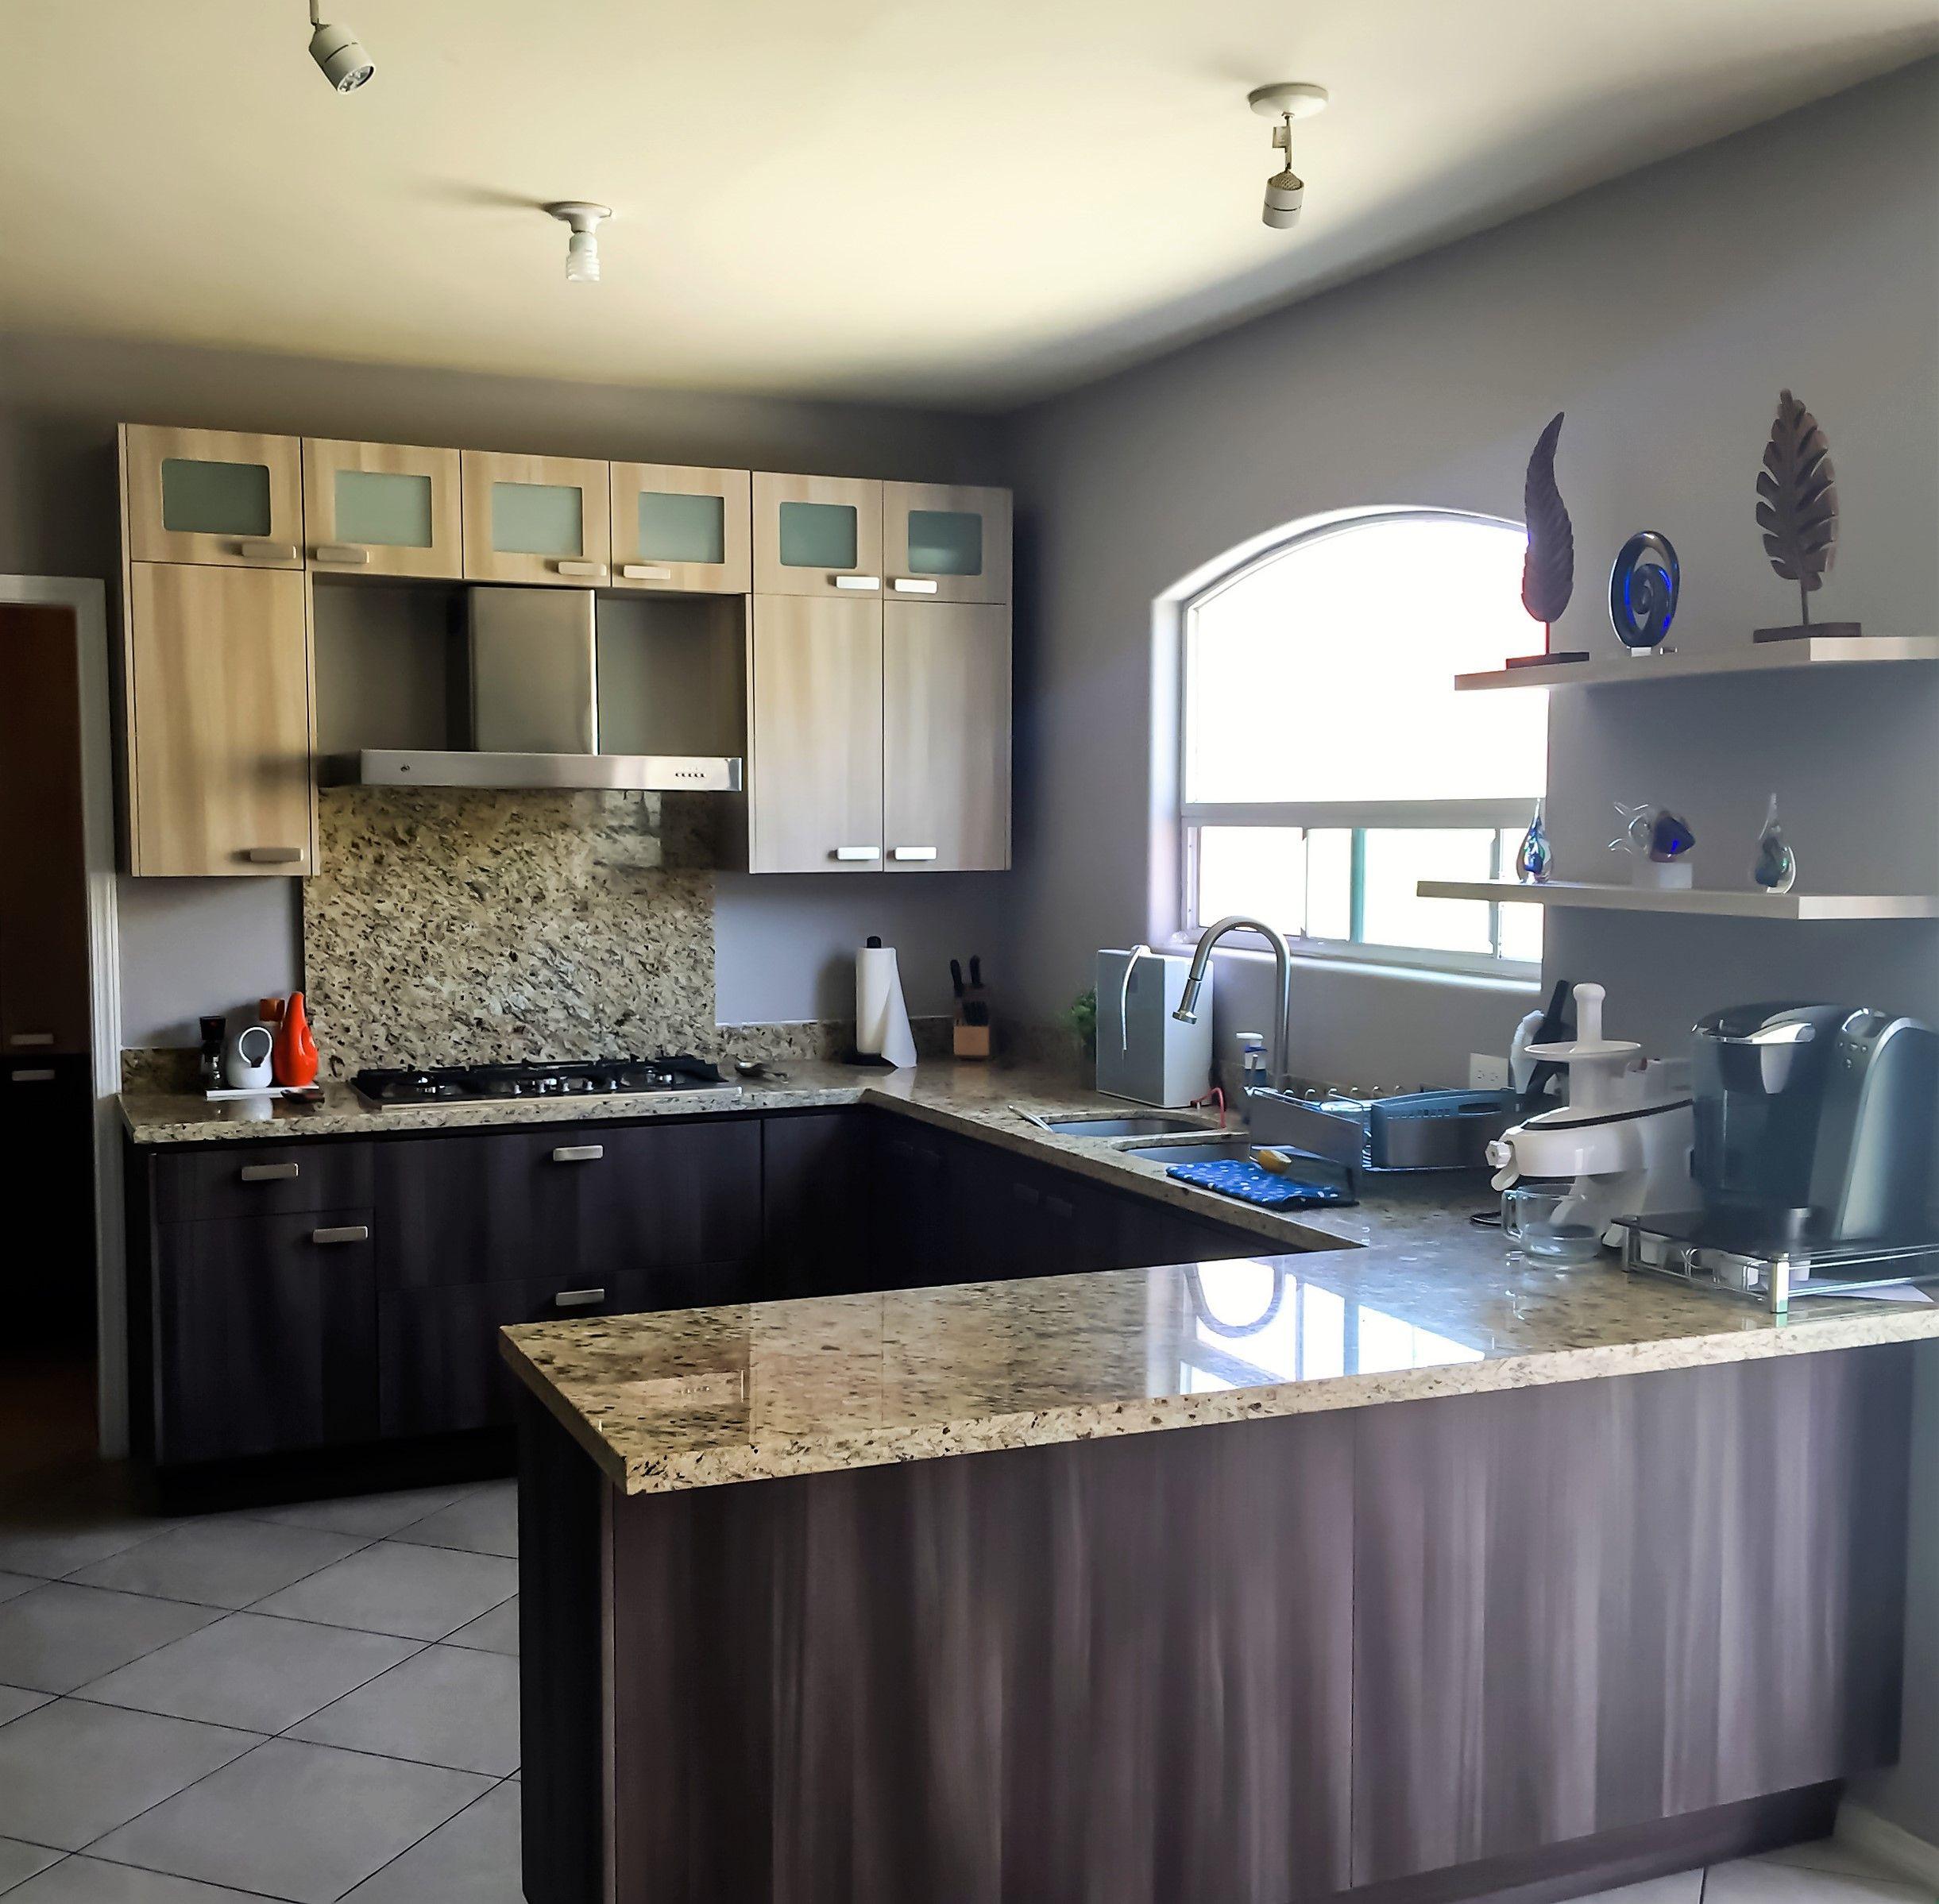 Cocina Integral Moderna Combinada Y Backsplash En El Area De La